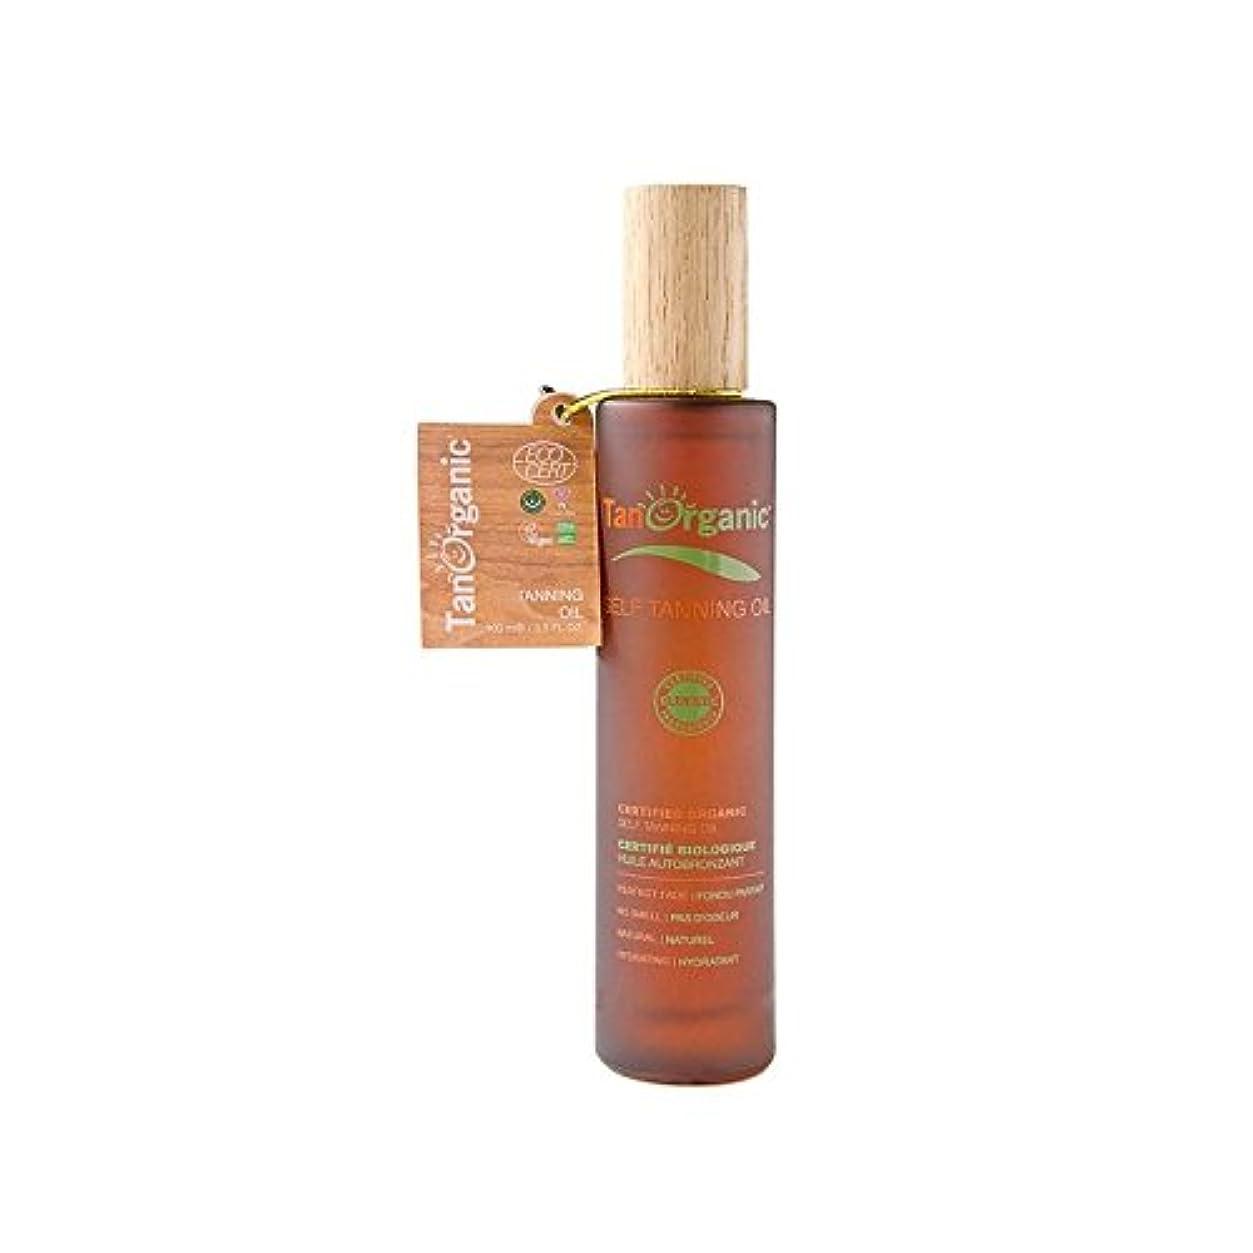 最高楽しませる降伏Tanorganic自己日焼け顔&ボディオイル (Tan Organic) - TanOrganic Self-Tan Face & Body Oil [並行輸入品]